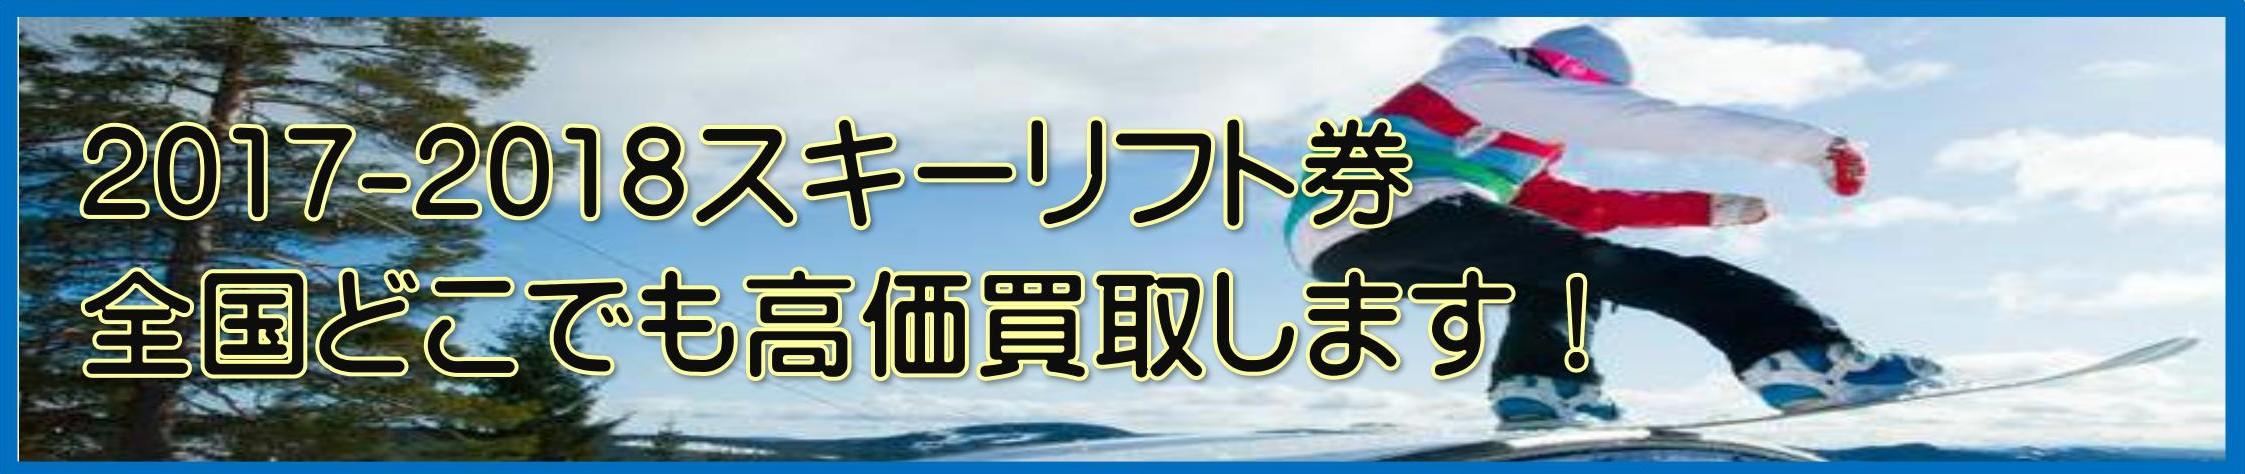 豊橋金券ショップフリーチケット|スキーリフト券高価買取